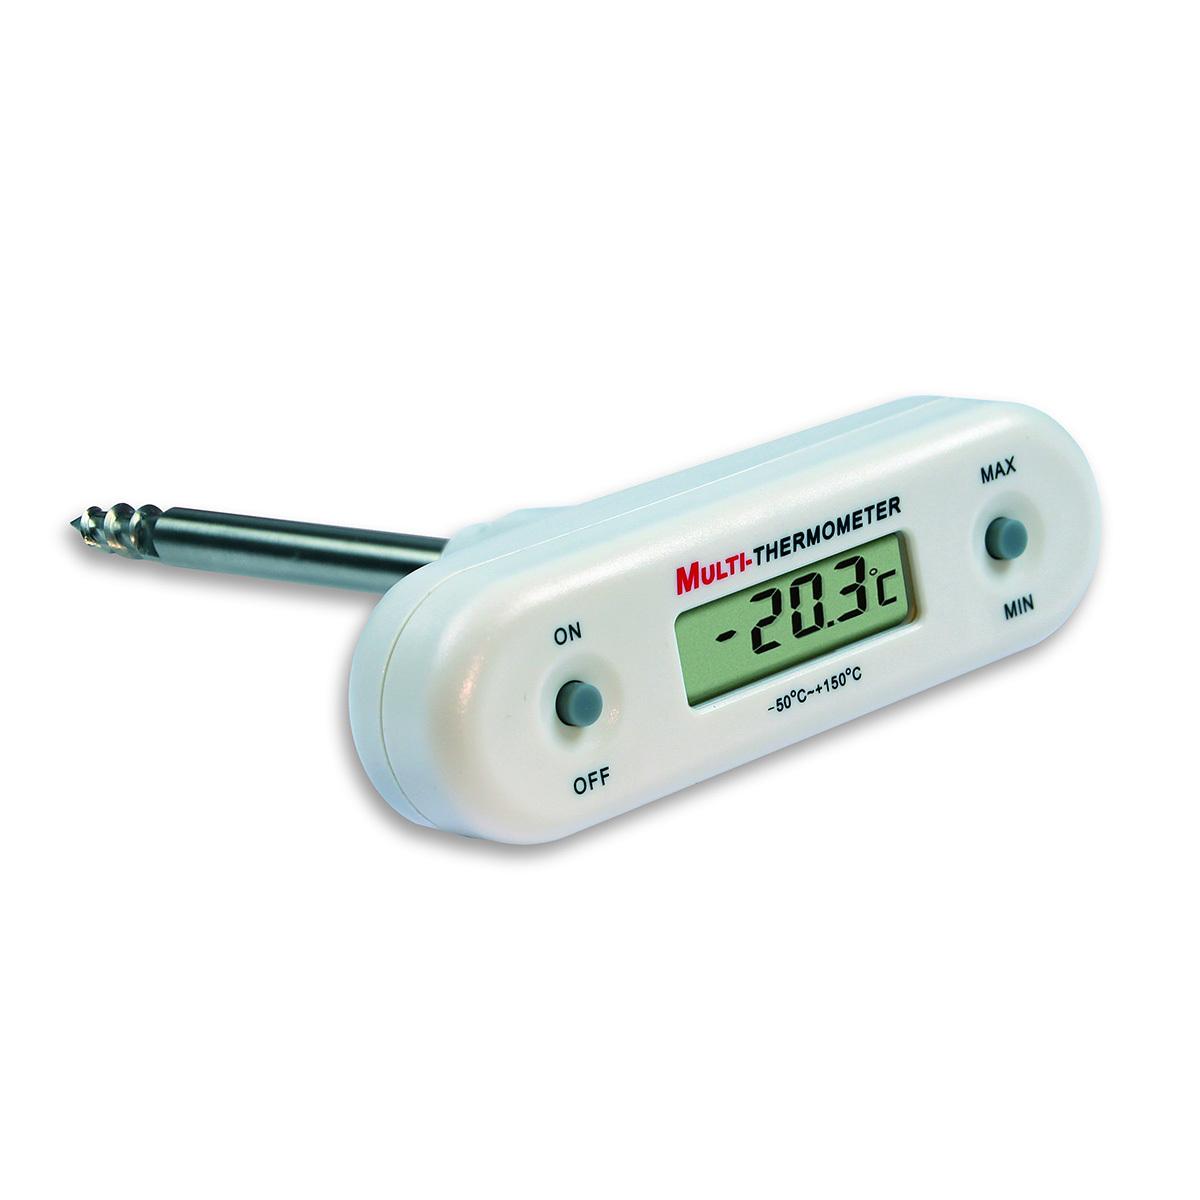 30-1056-02-digitales-gefriergut-eindrehthermometer-1200x1200px.jpg